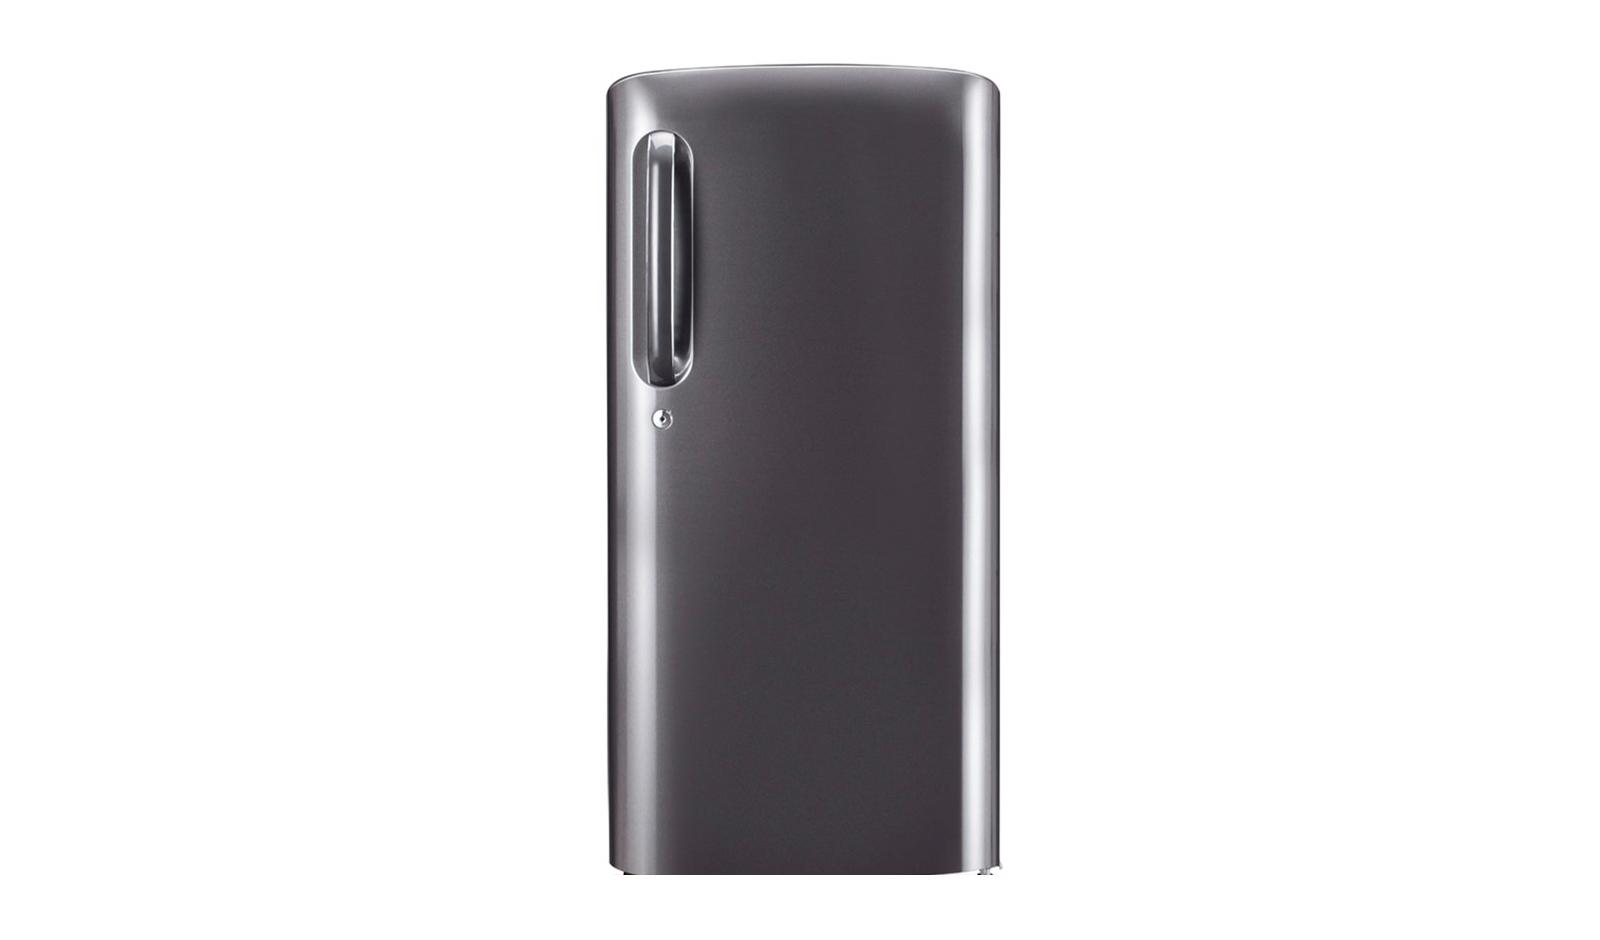 LG 215 Ltr Single Door Refrigerator GL-B231ALLB